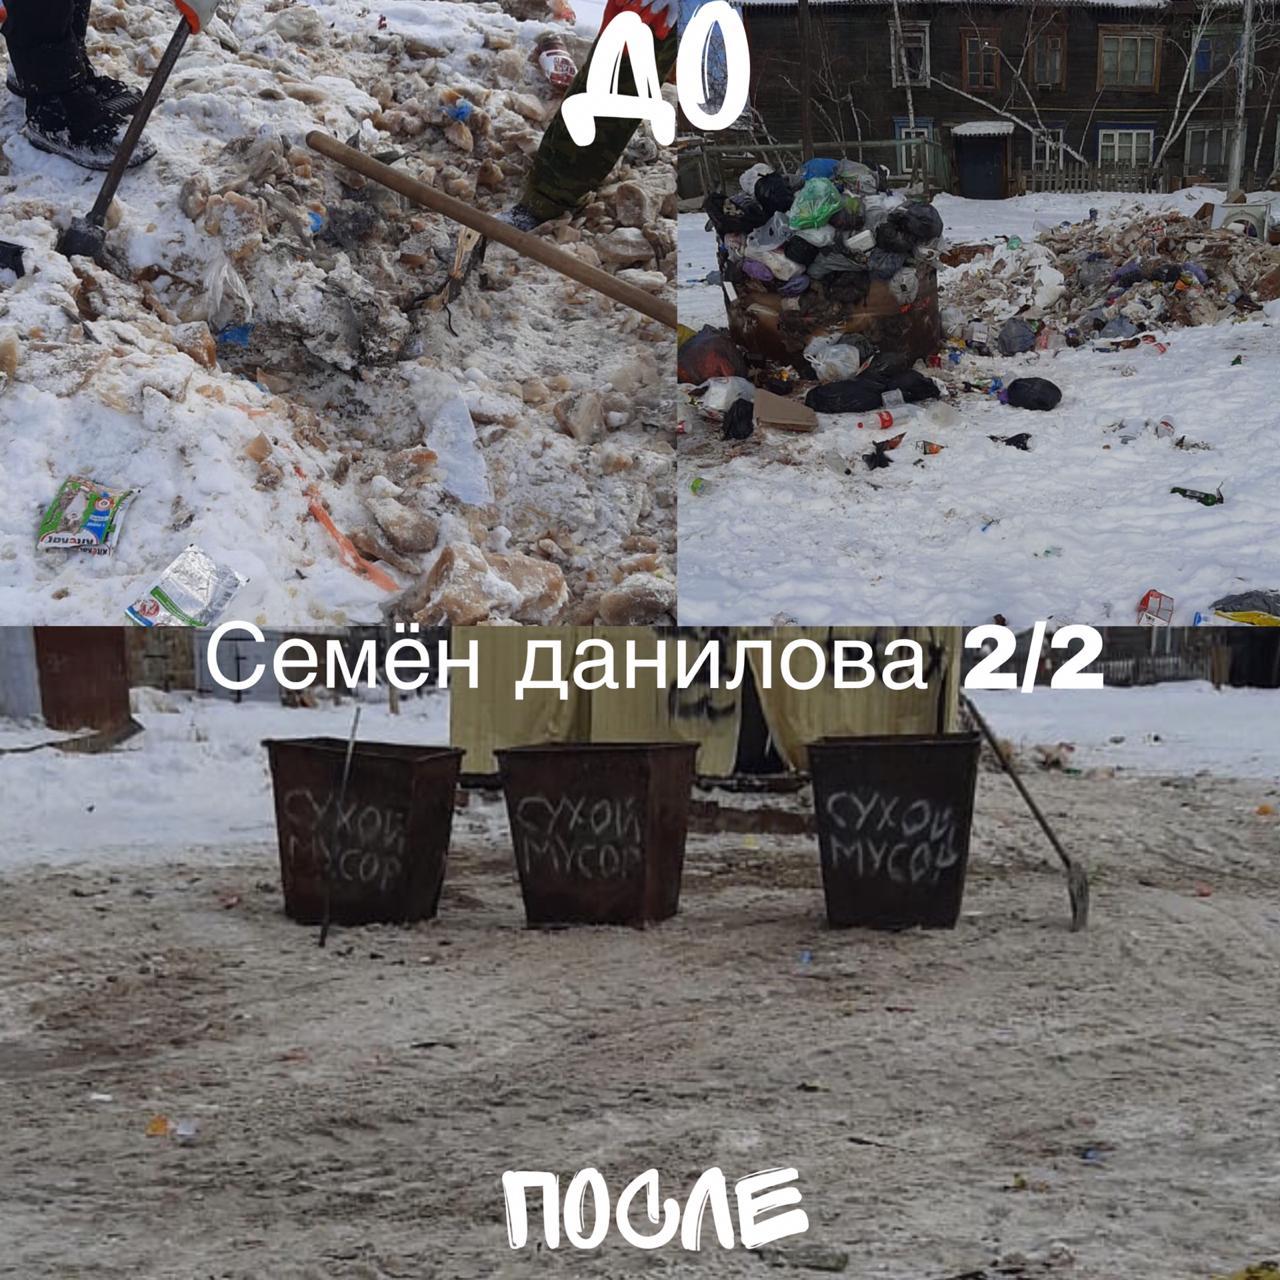 Предприятия жизнеобеспечения Якутска работают в штатном режиме